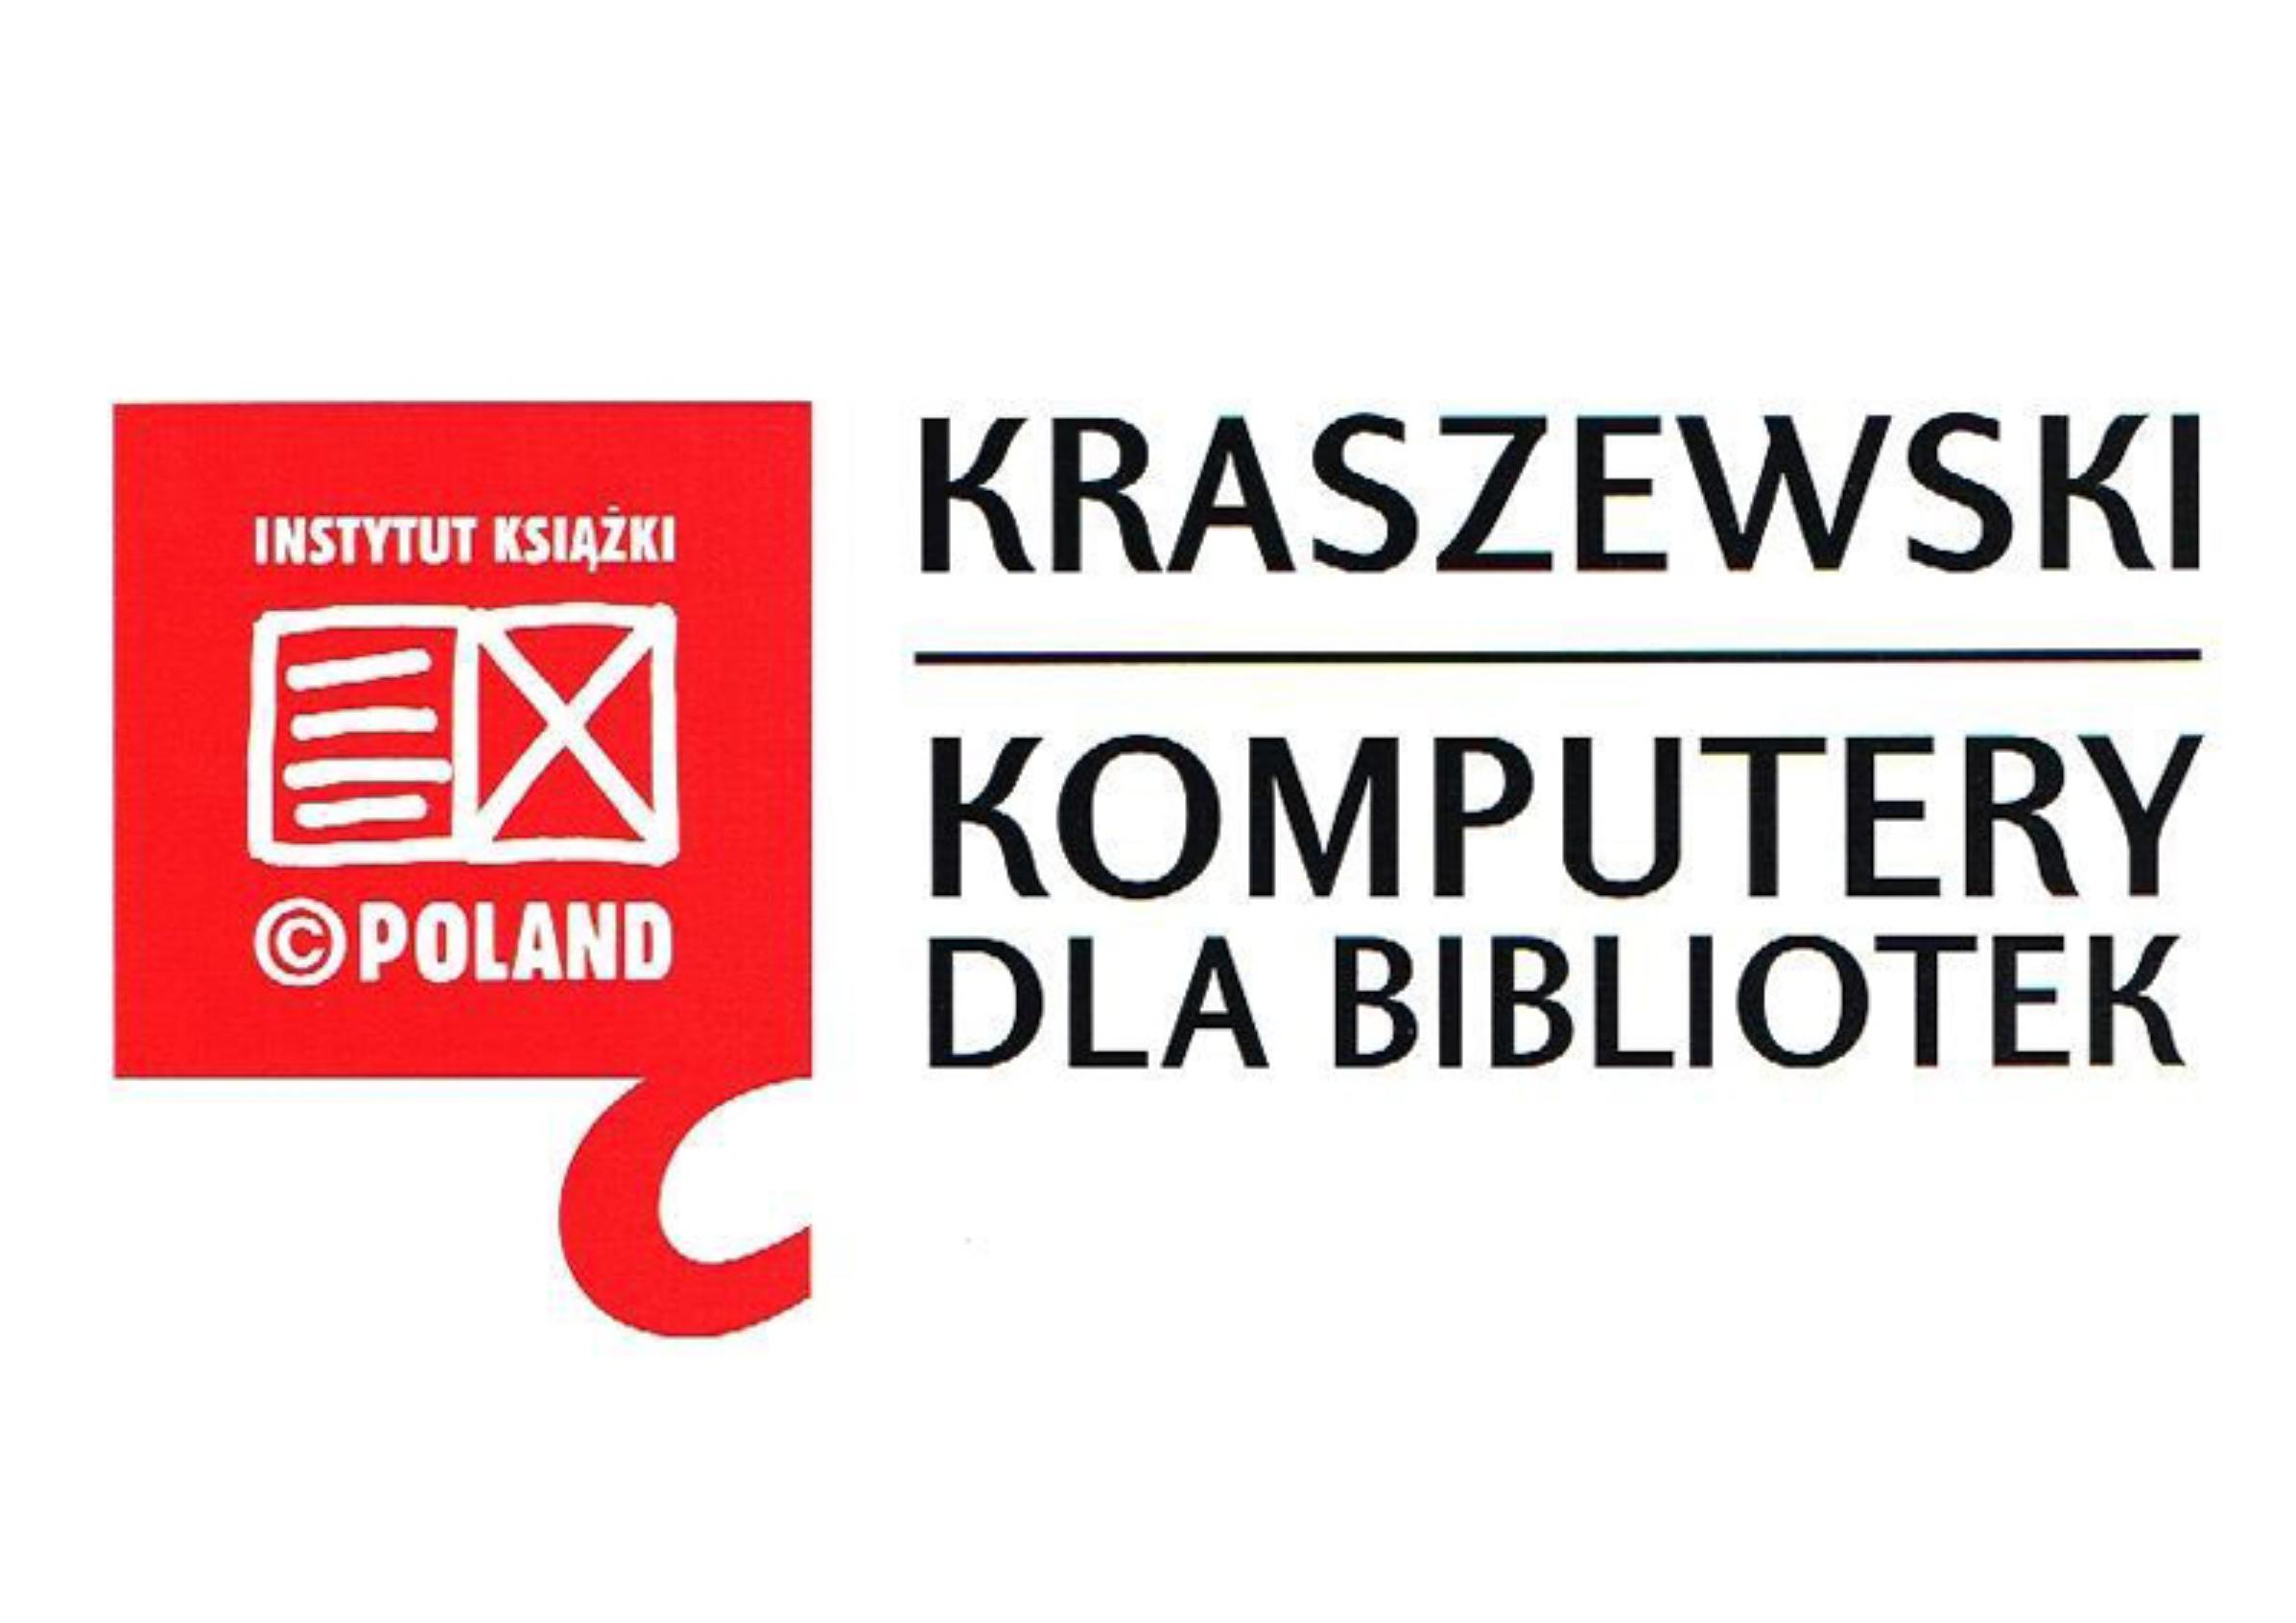 Kraszewski. Komputery dla bibliotek 2019